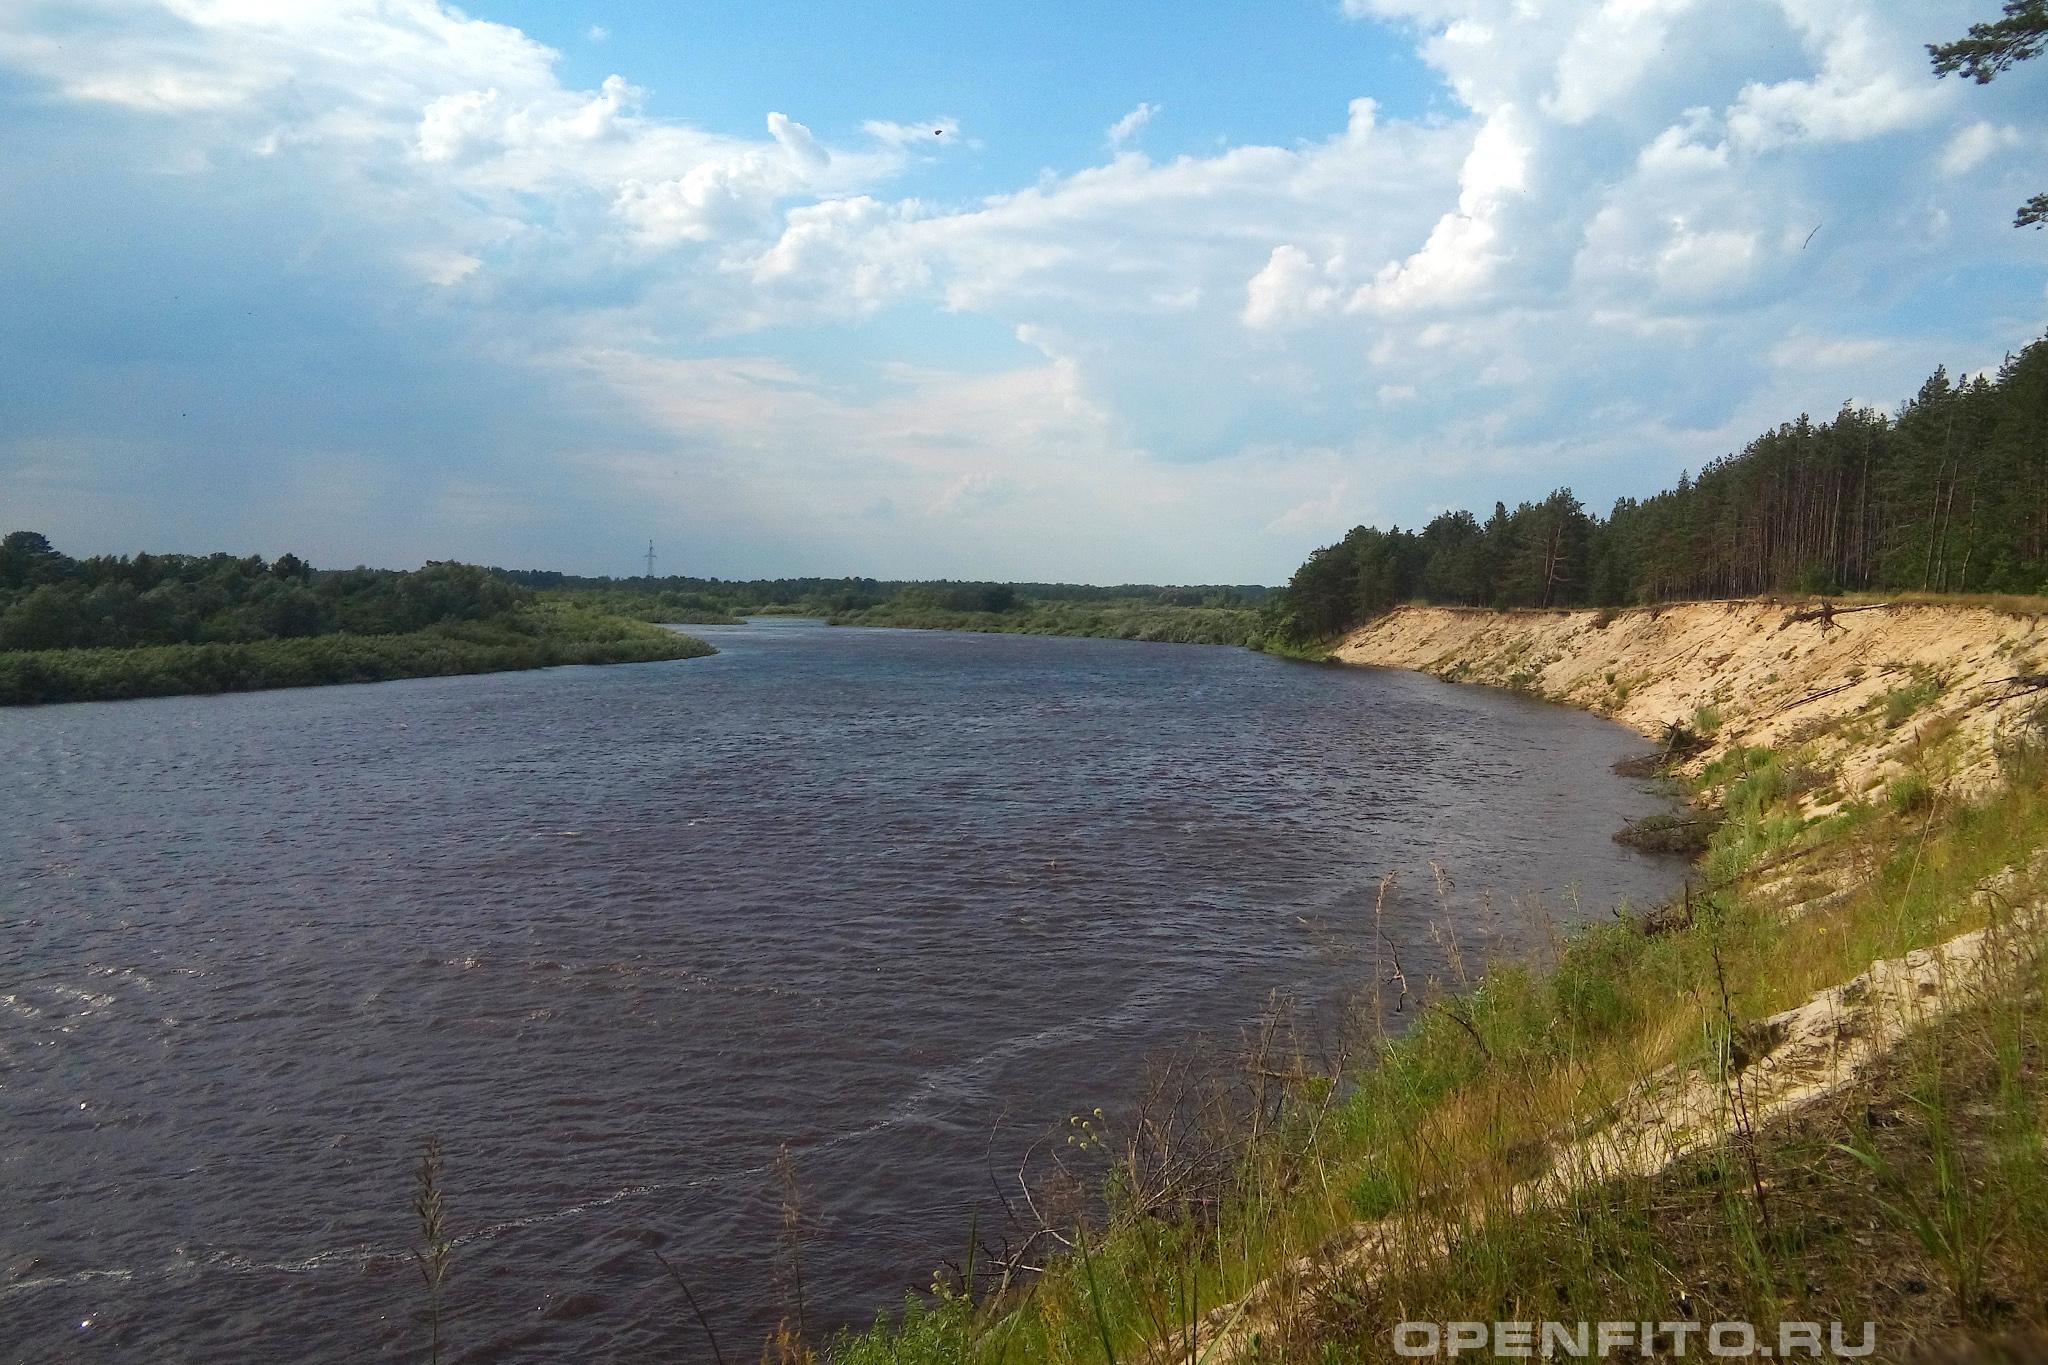 Река Клязьма север Владимирской области